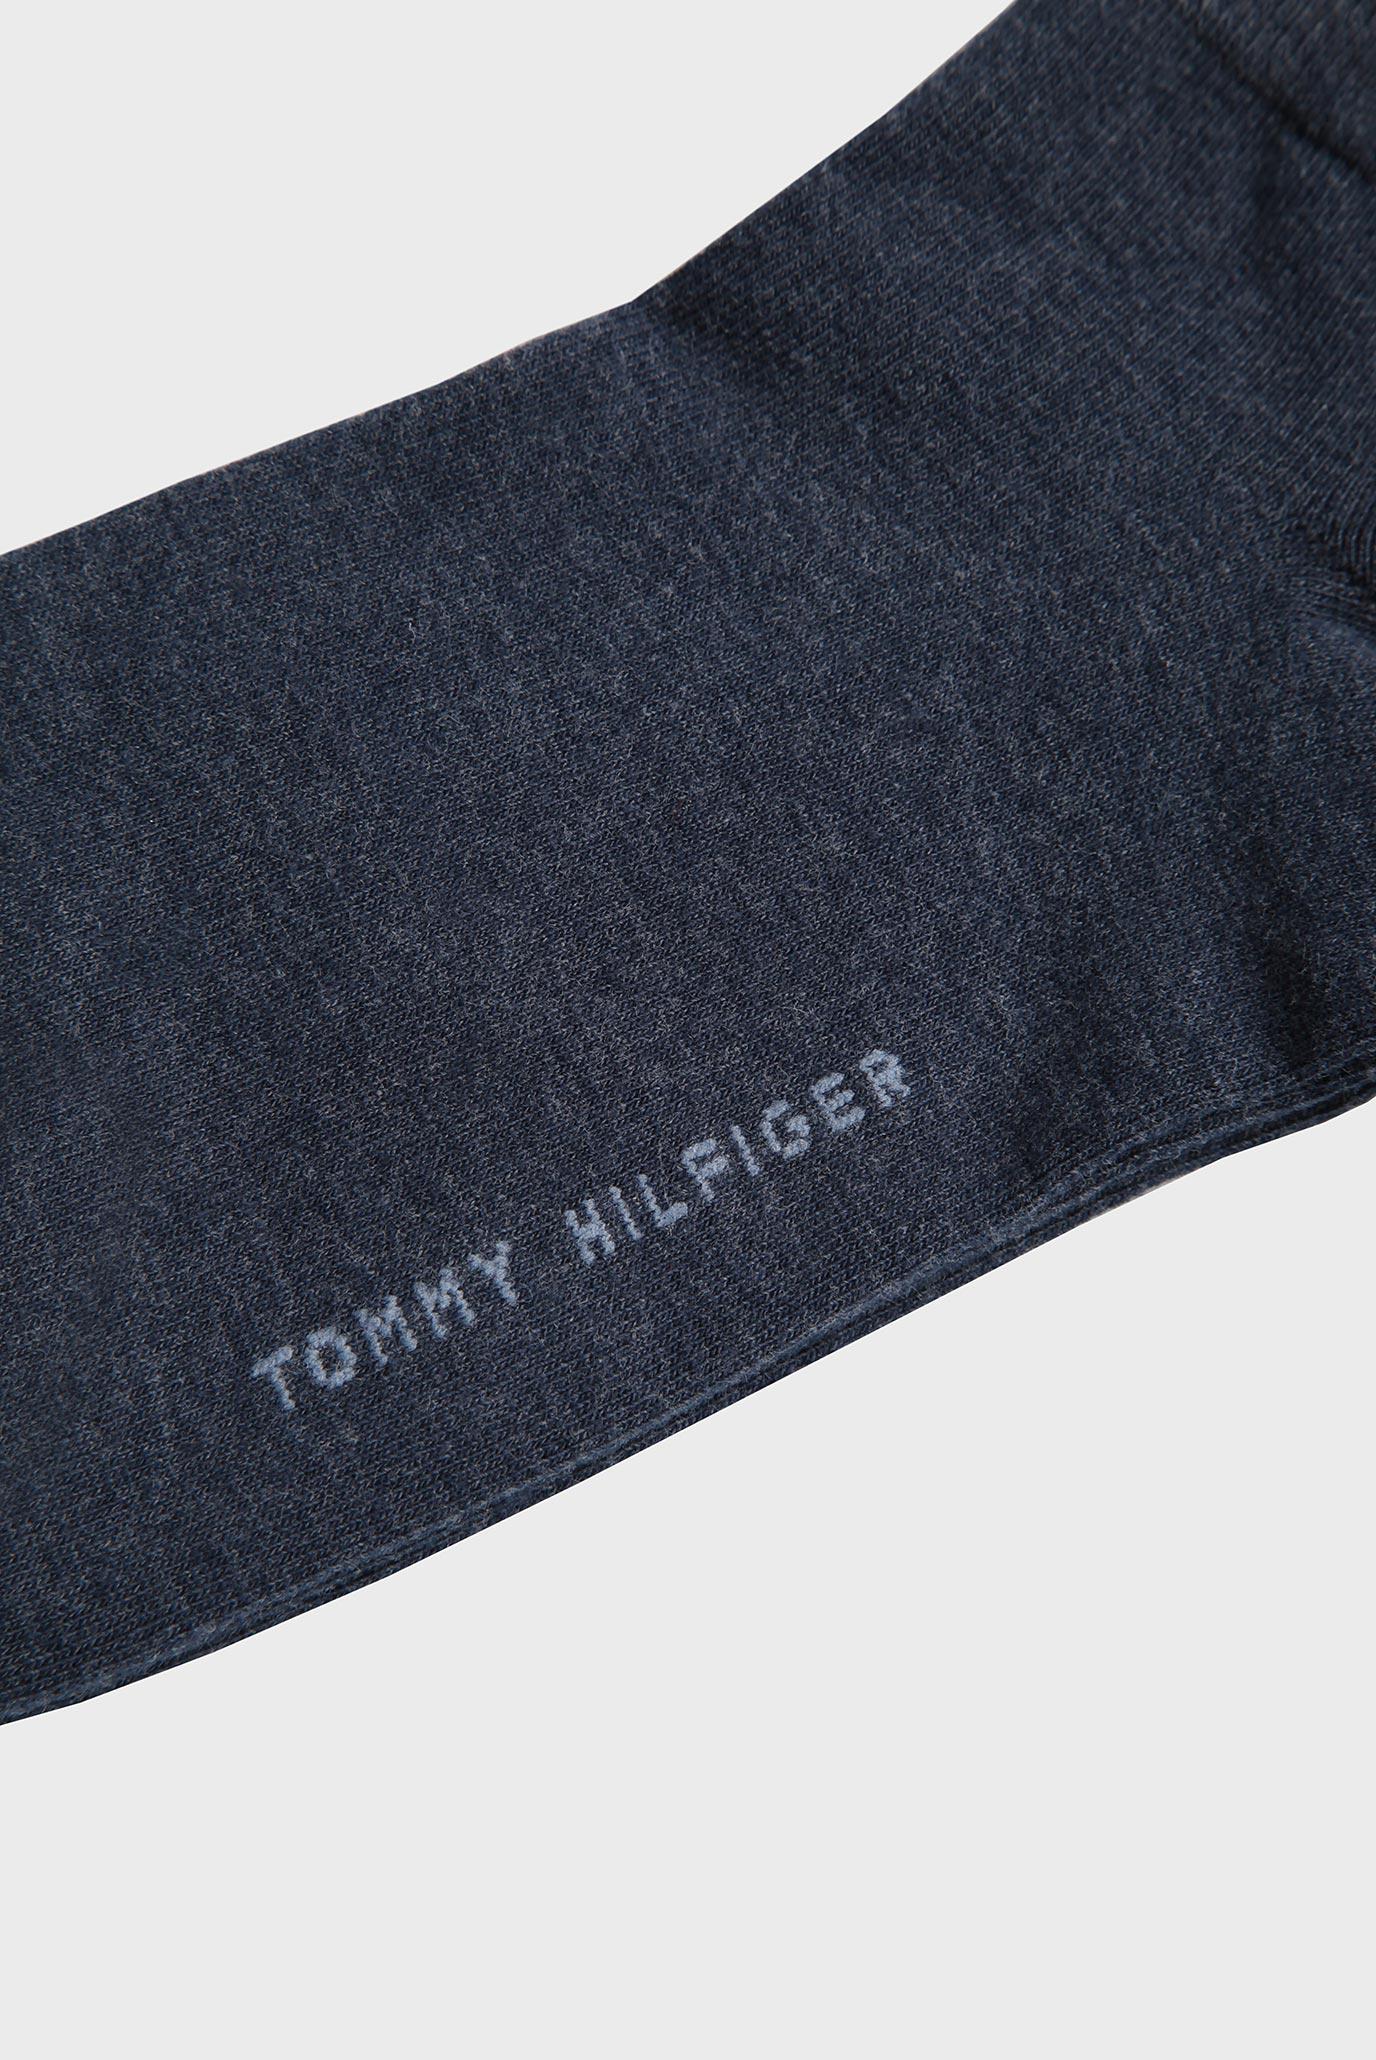 Купить Женские синие носки (2 пары) Tommy Hilfiger Tommy Hilfiger 343024001 – Киев, Украина. Цены в интернет магазине MD Fashion